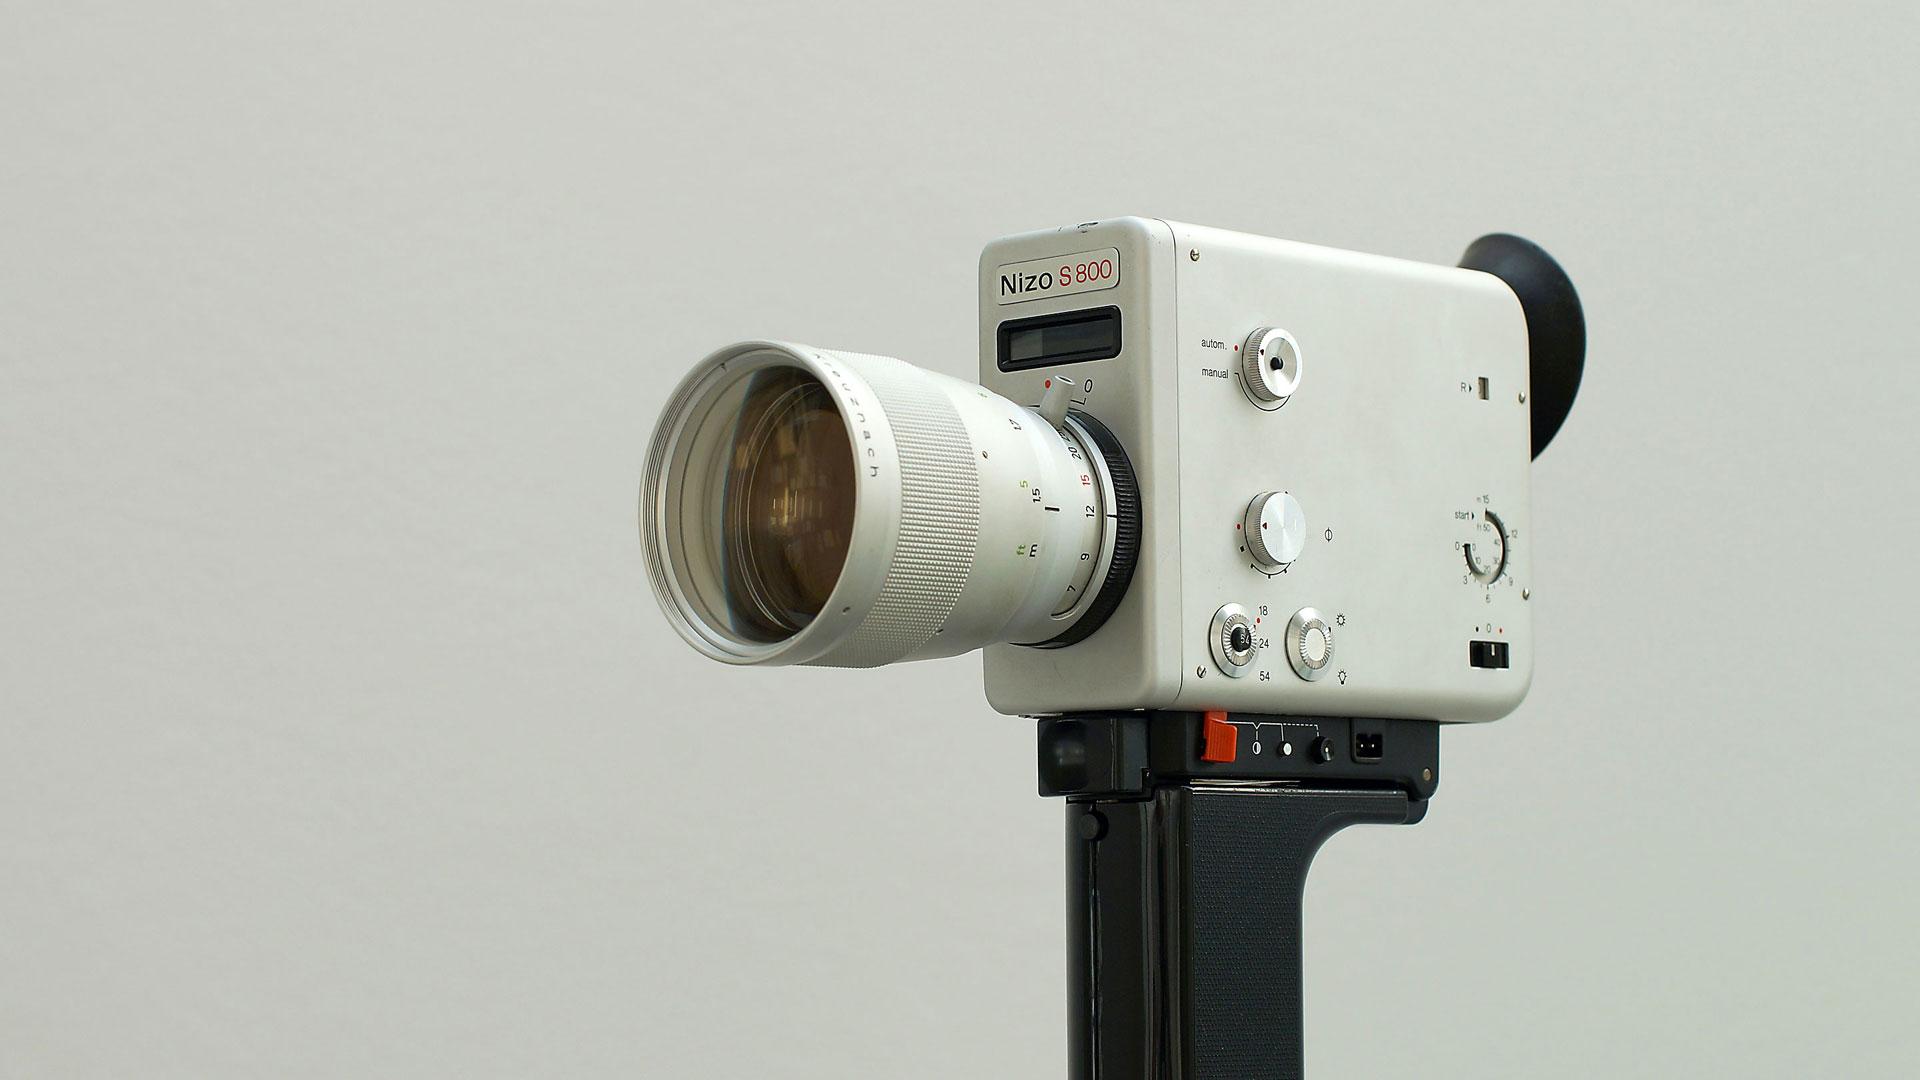 Nizo S800